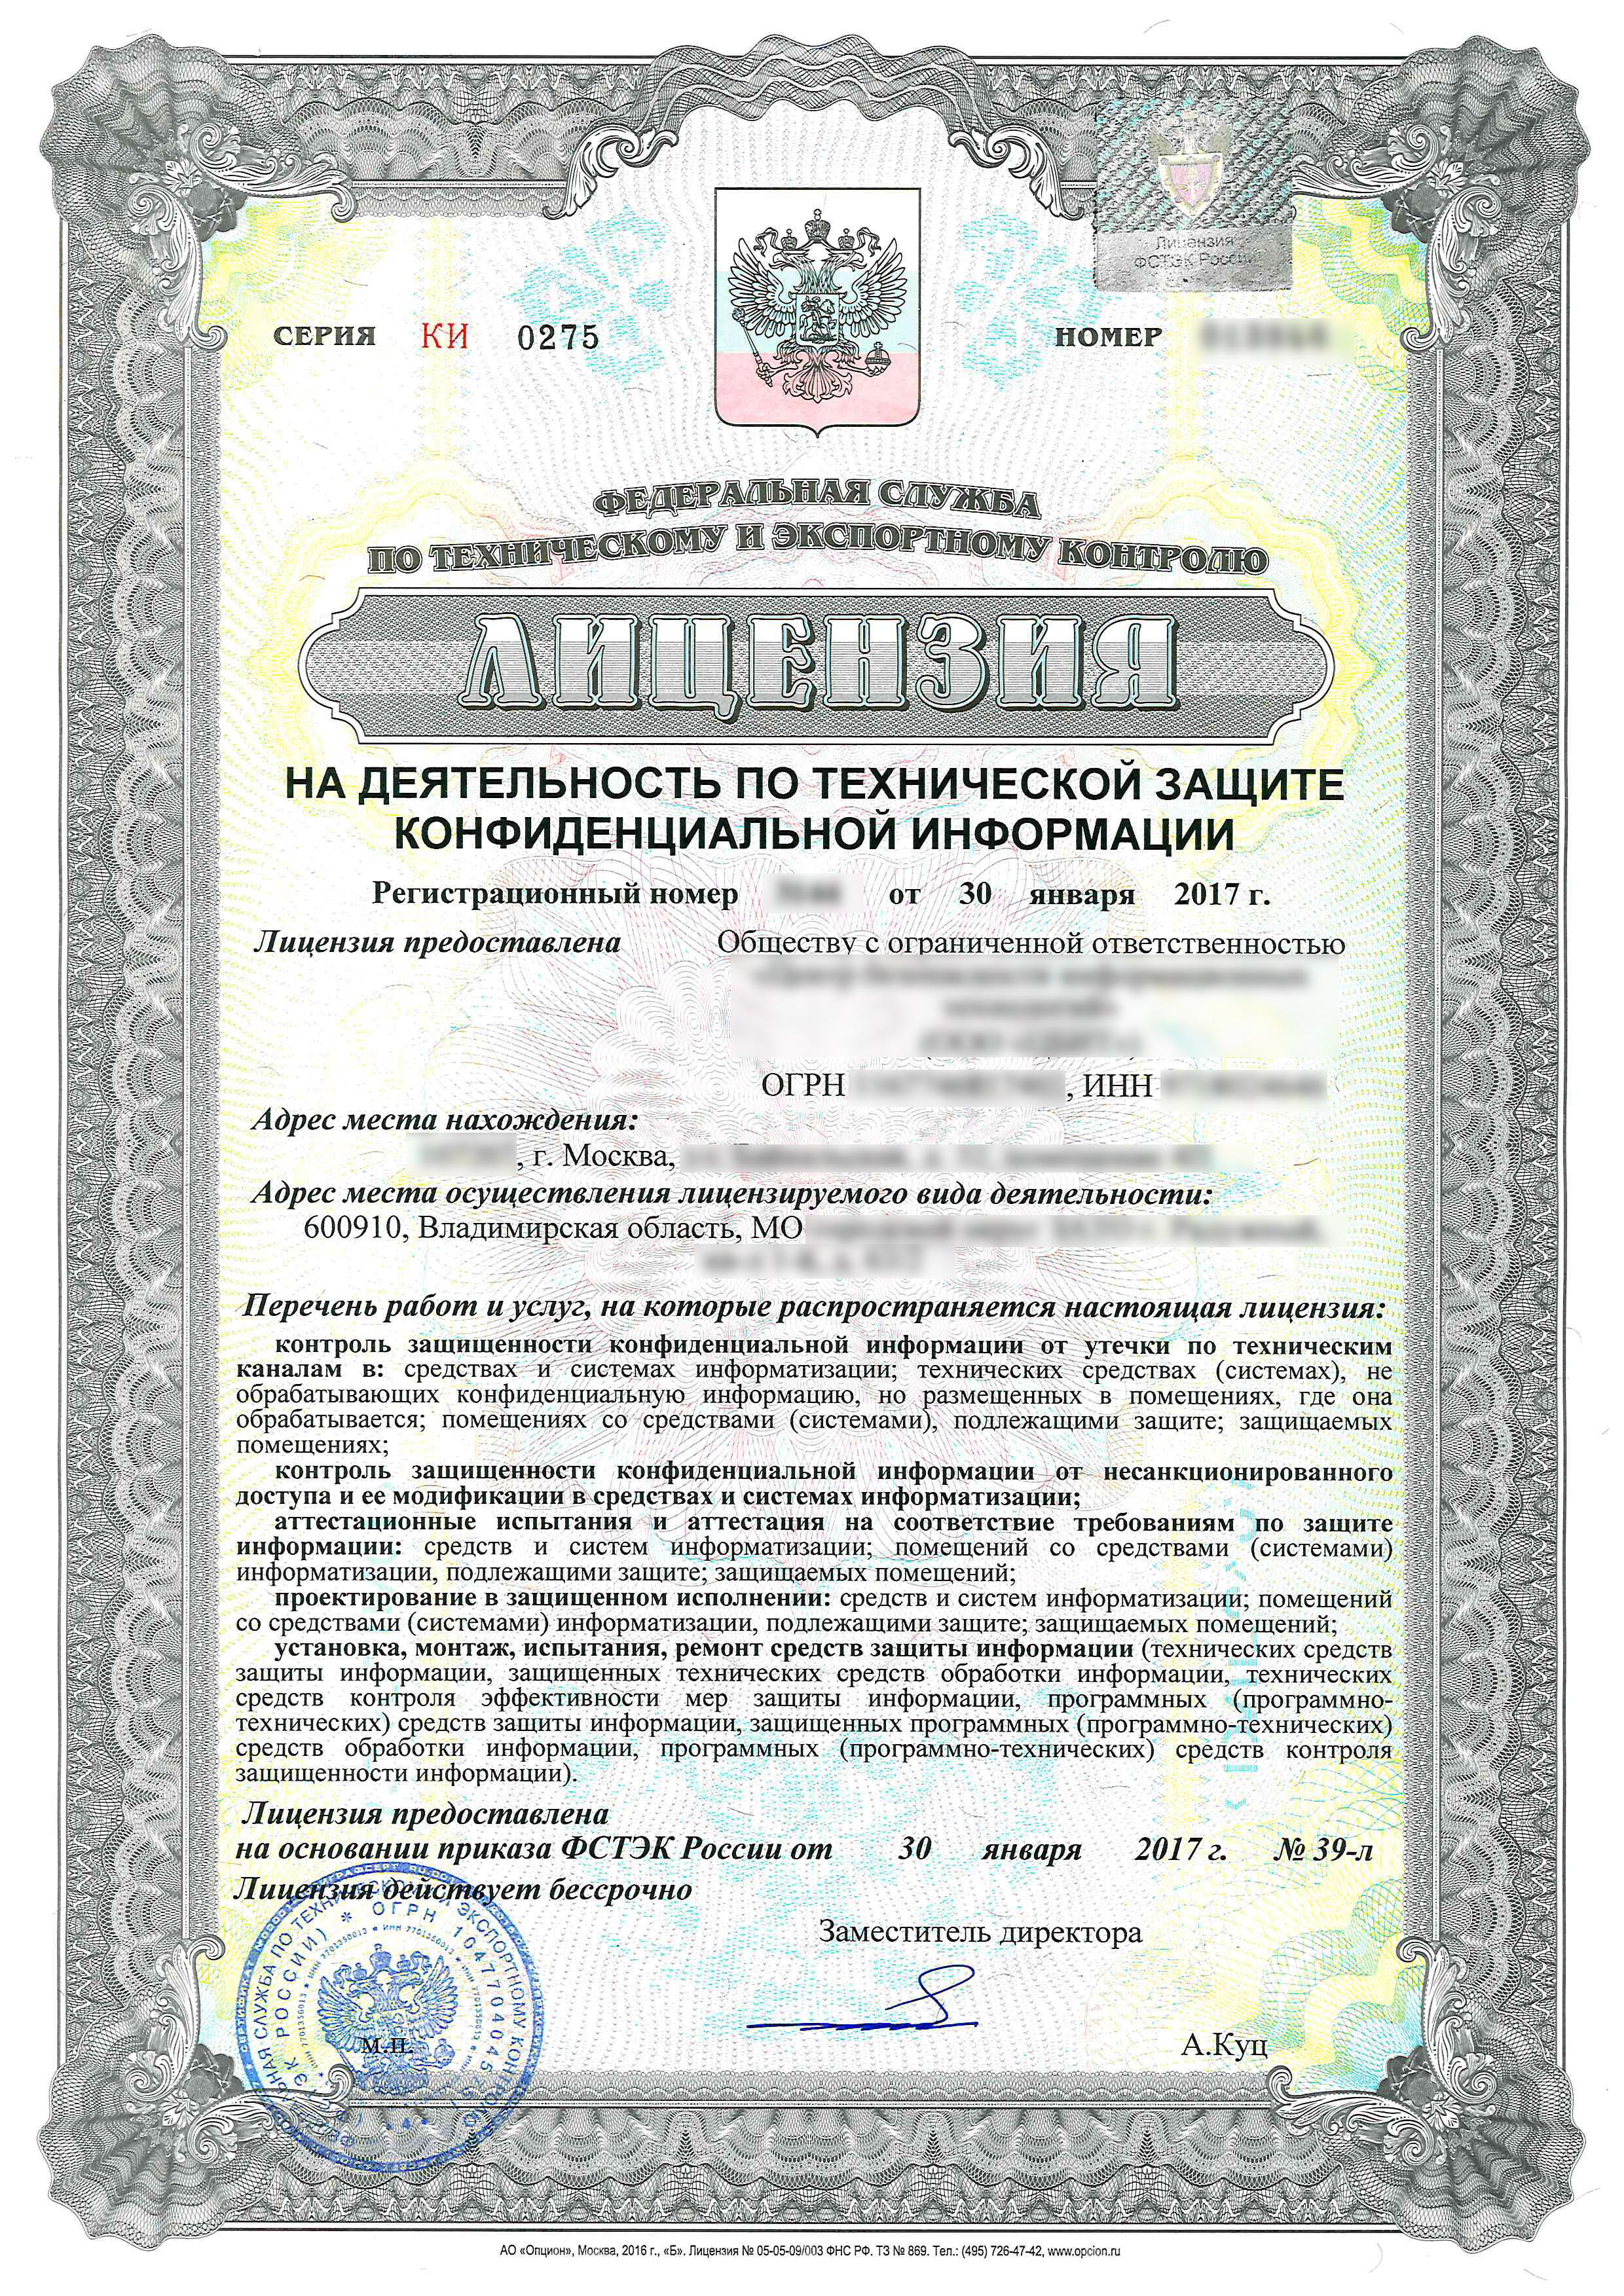 Лицензия ФСТЭК России на деятельность по технической защите конфиденциальной информации